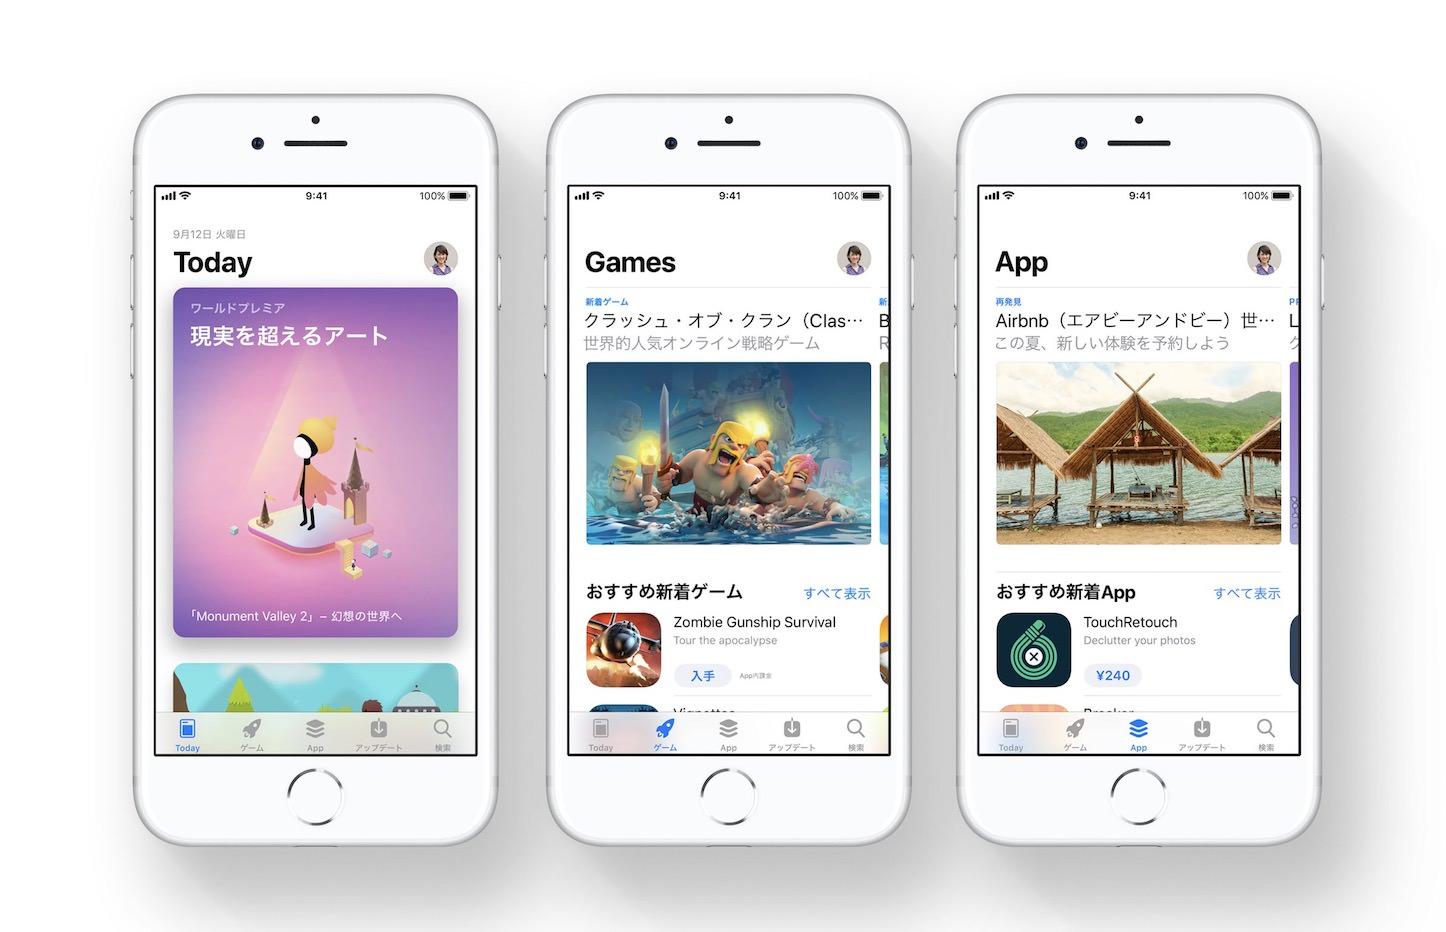 App Store iOS11